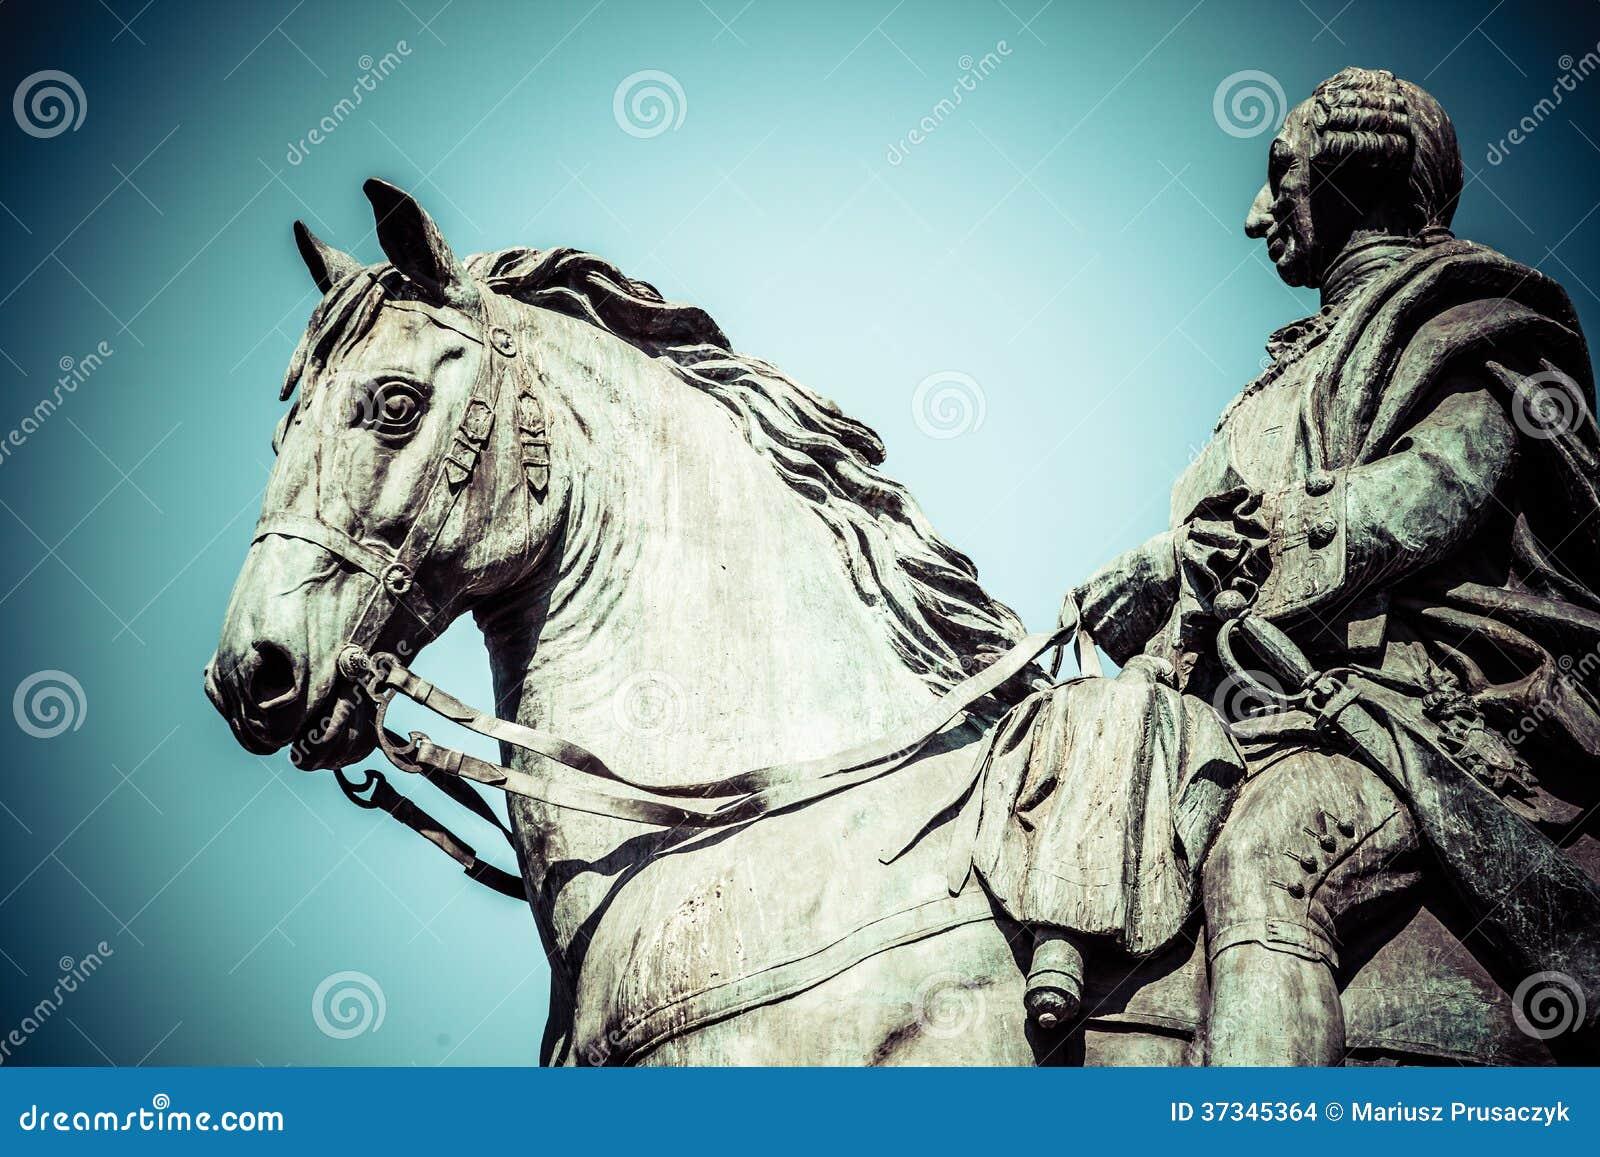 Le monument de Charles III sur Puerta del Sol à Madrid, Espagne